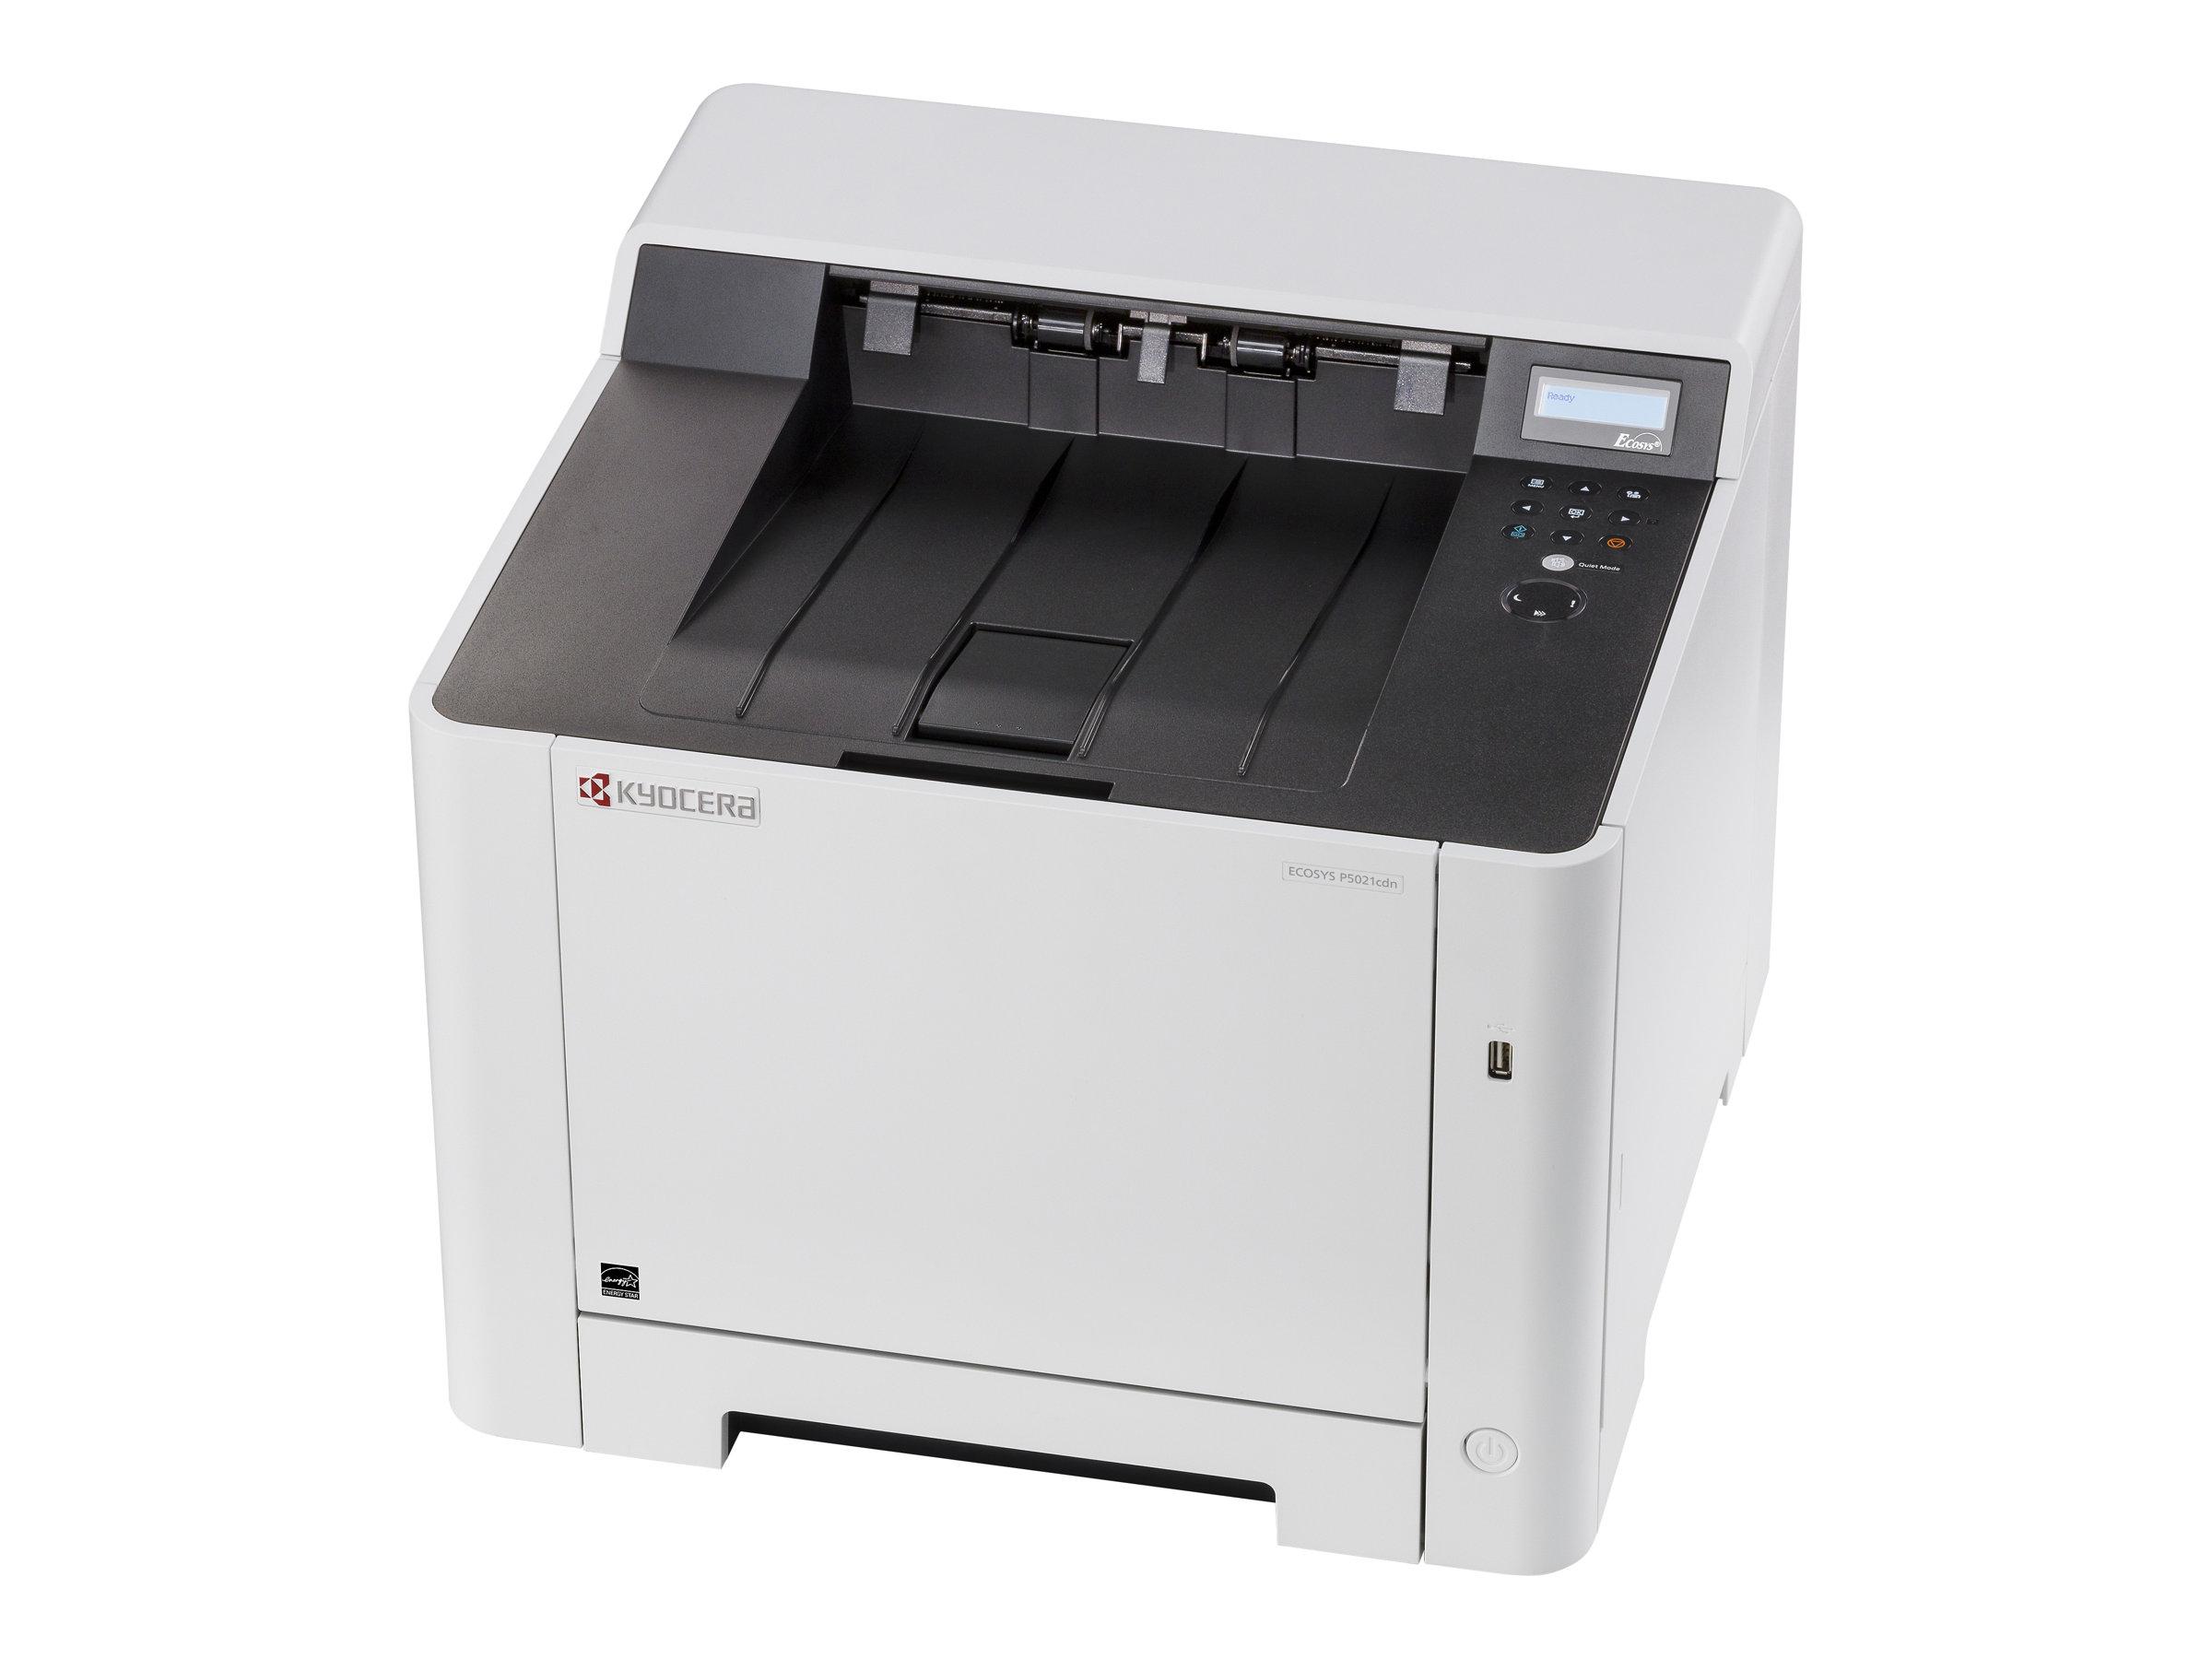 Kyocera ECOSYS P5021cdn - Drucker - Farbe - Duplex - Laser - A4/Legal - 9600 x 600 dpi - bis zu 21 Seiten/Min. (einfarbig)/